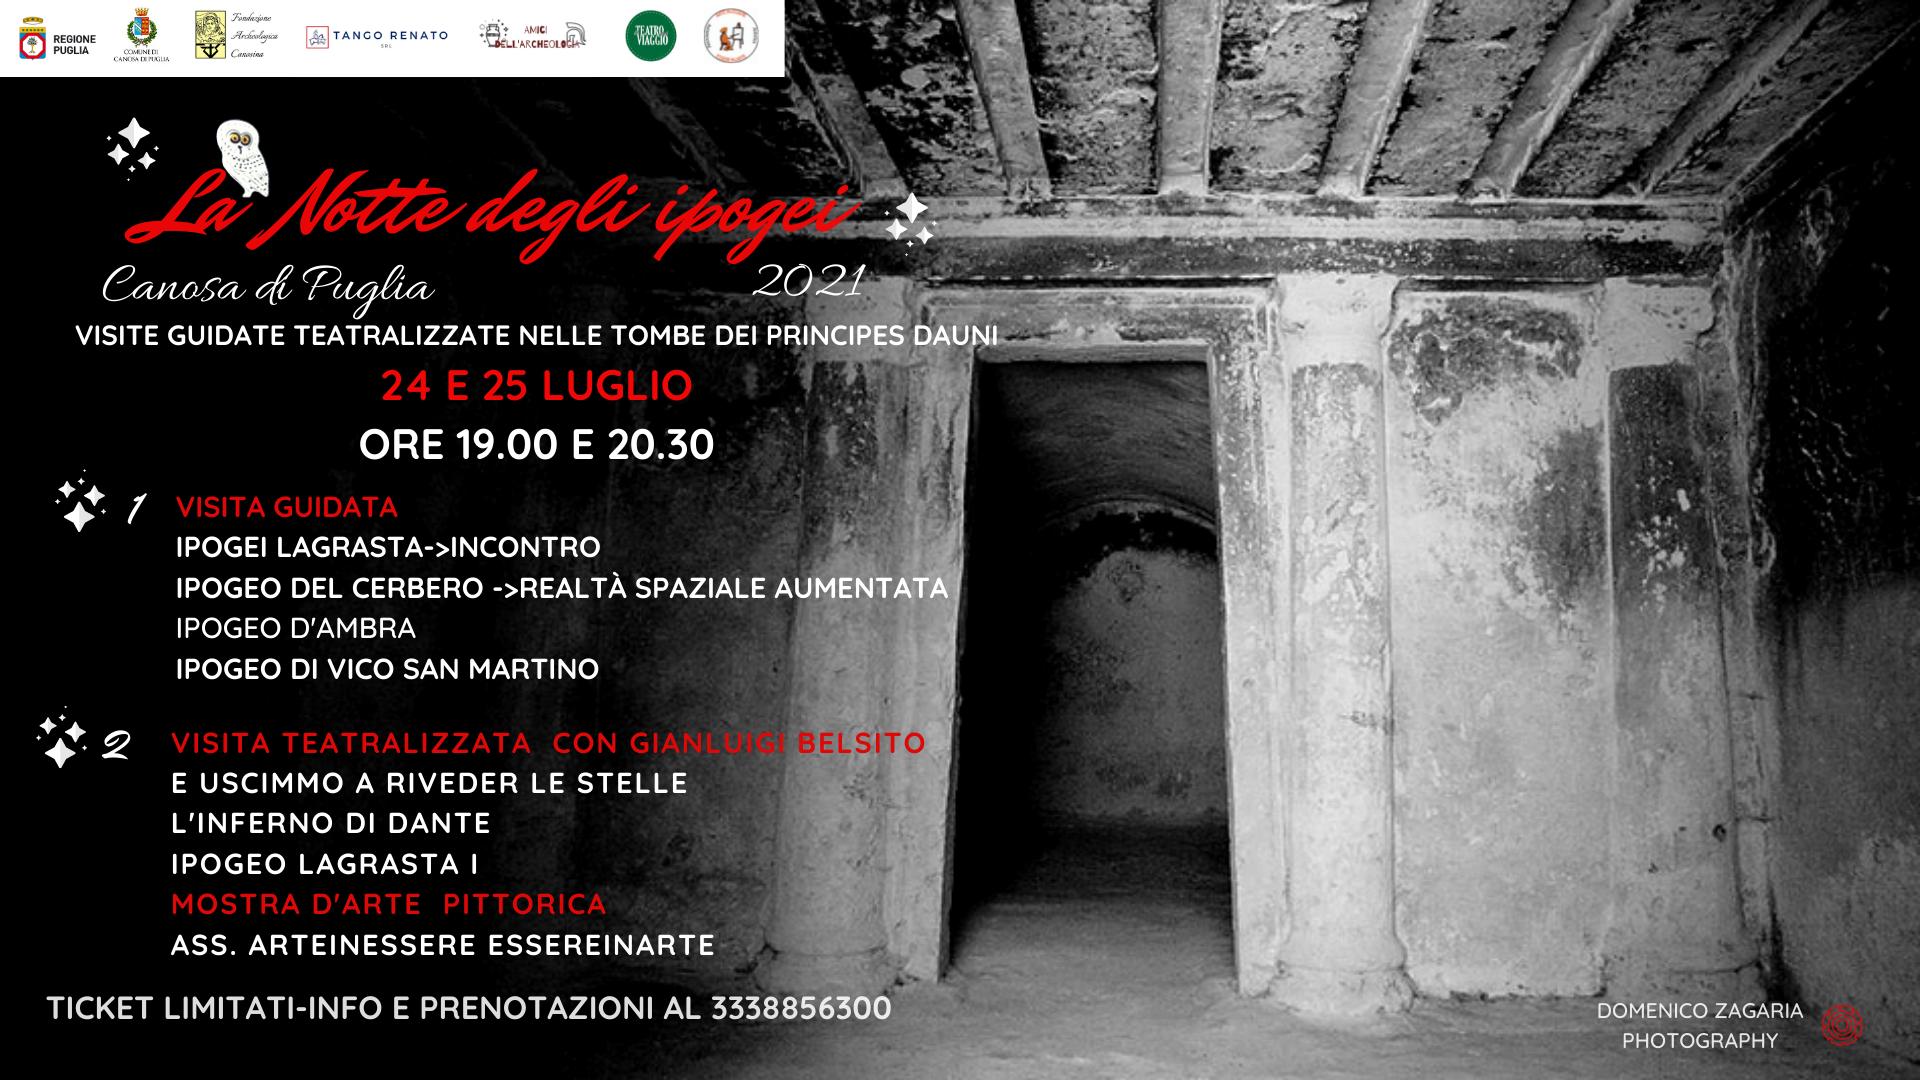 Si avvicina la Notte degli ipogei 2021 a Canosa di Puglia